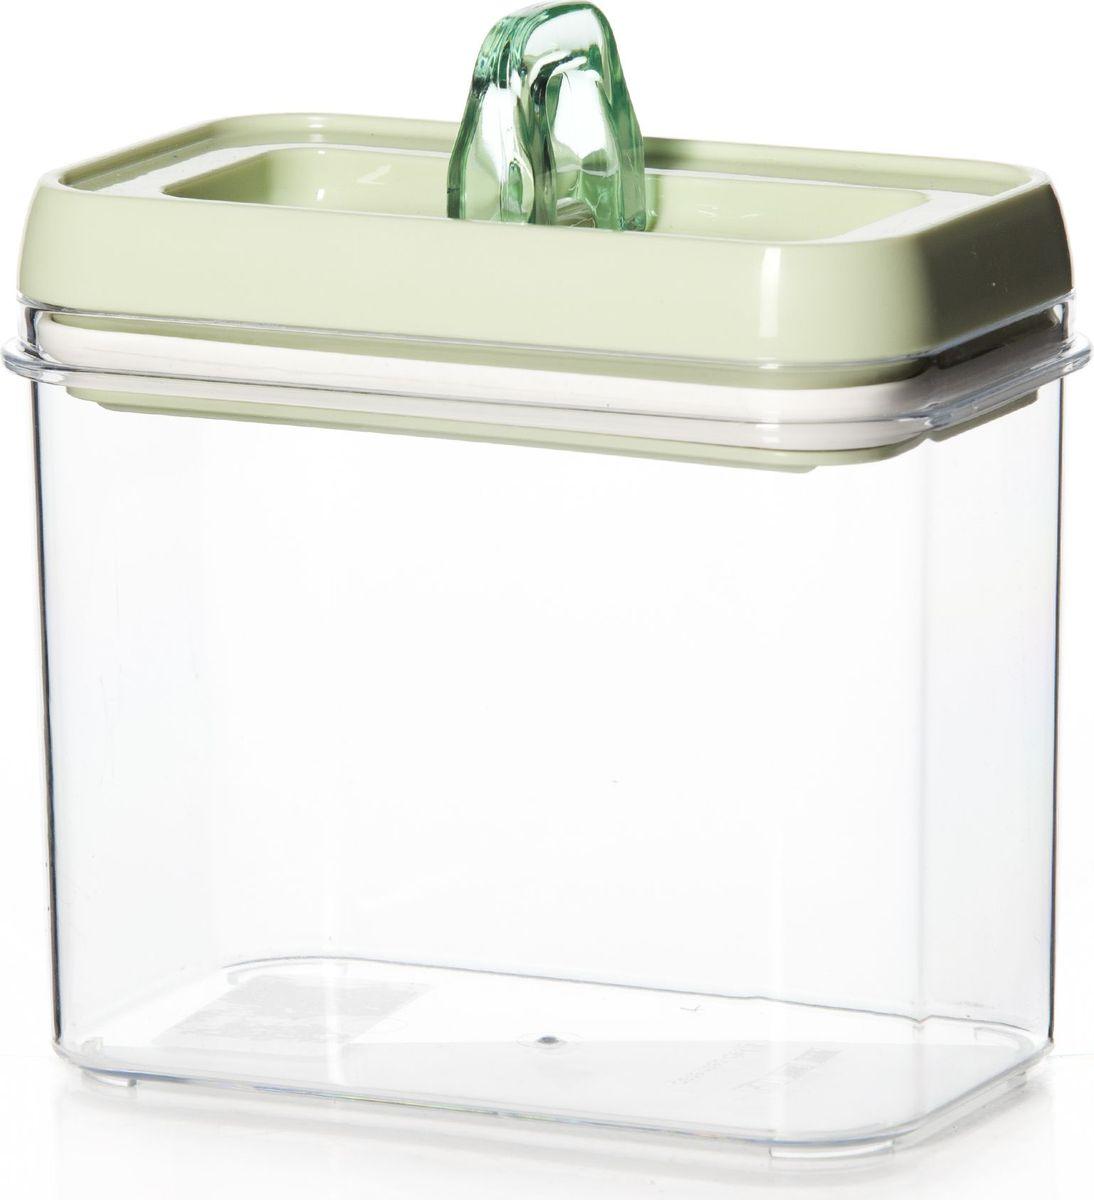 Контейнер для продуктов Herevin, 1,2 л. 161178-032161178-032Контейнер для продуктов Herevin изготовлен из качественного пищевого пластика без содержания BPA. Крышка плотно и герметично закрывается, поэтому продукты дольше остаются свежими. Прозрачные стенки позволяют видеть содержимое. Такой контейнер подойдет для использования дома, его можно взять с собой на работу, учебу, в поездку.